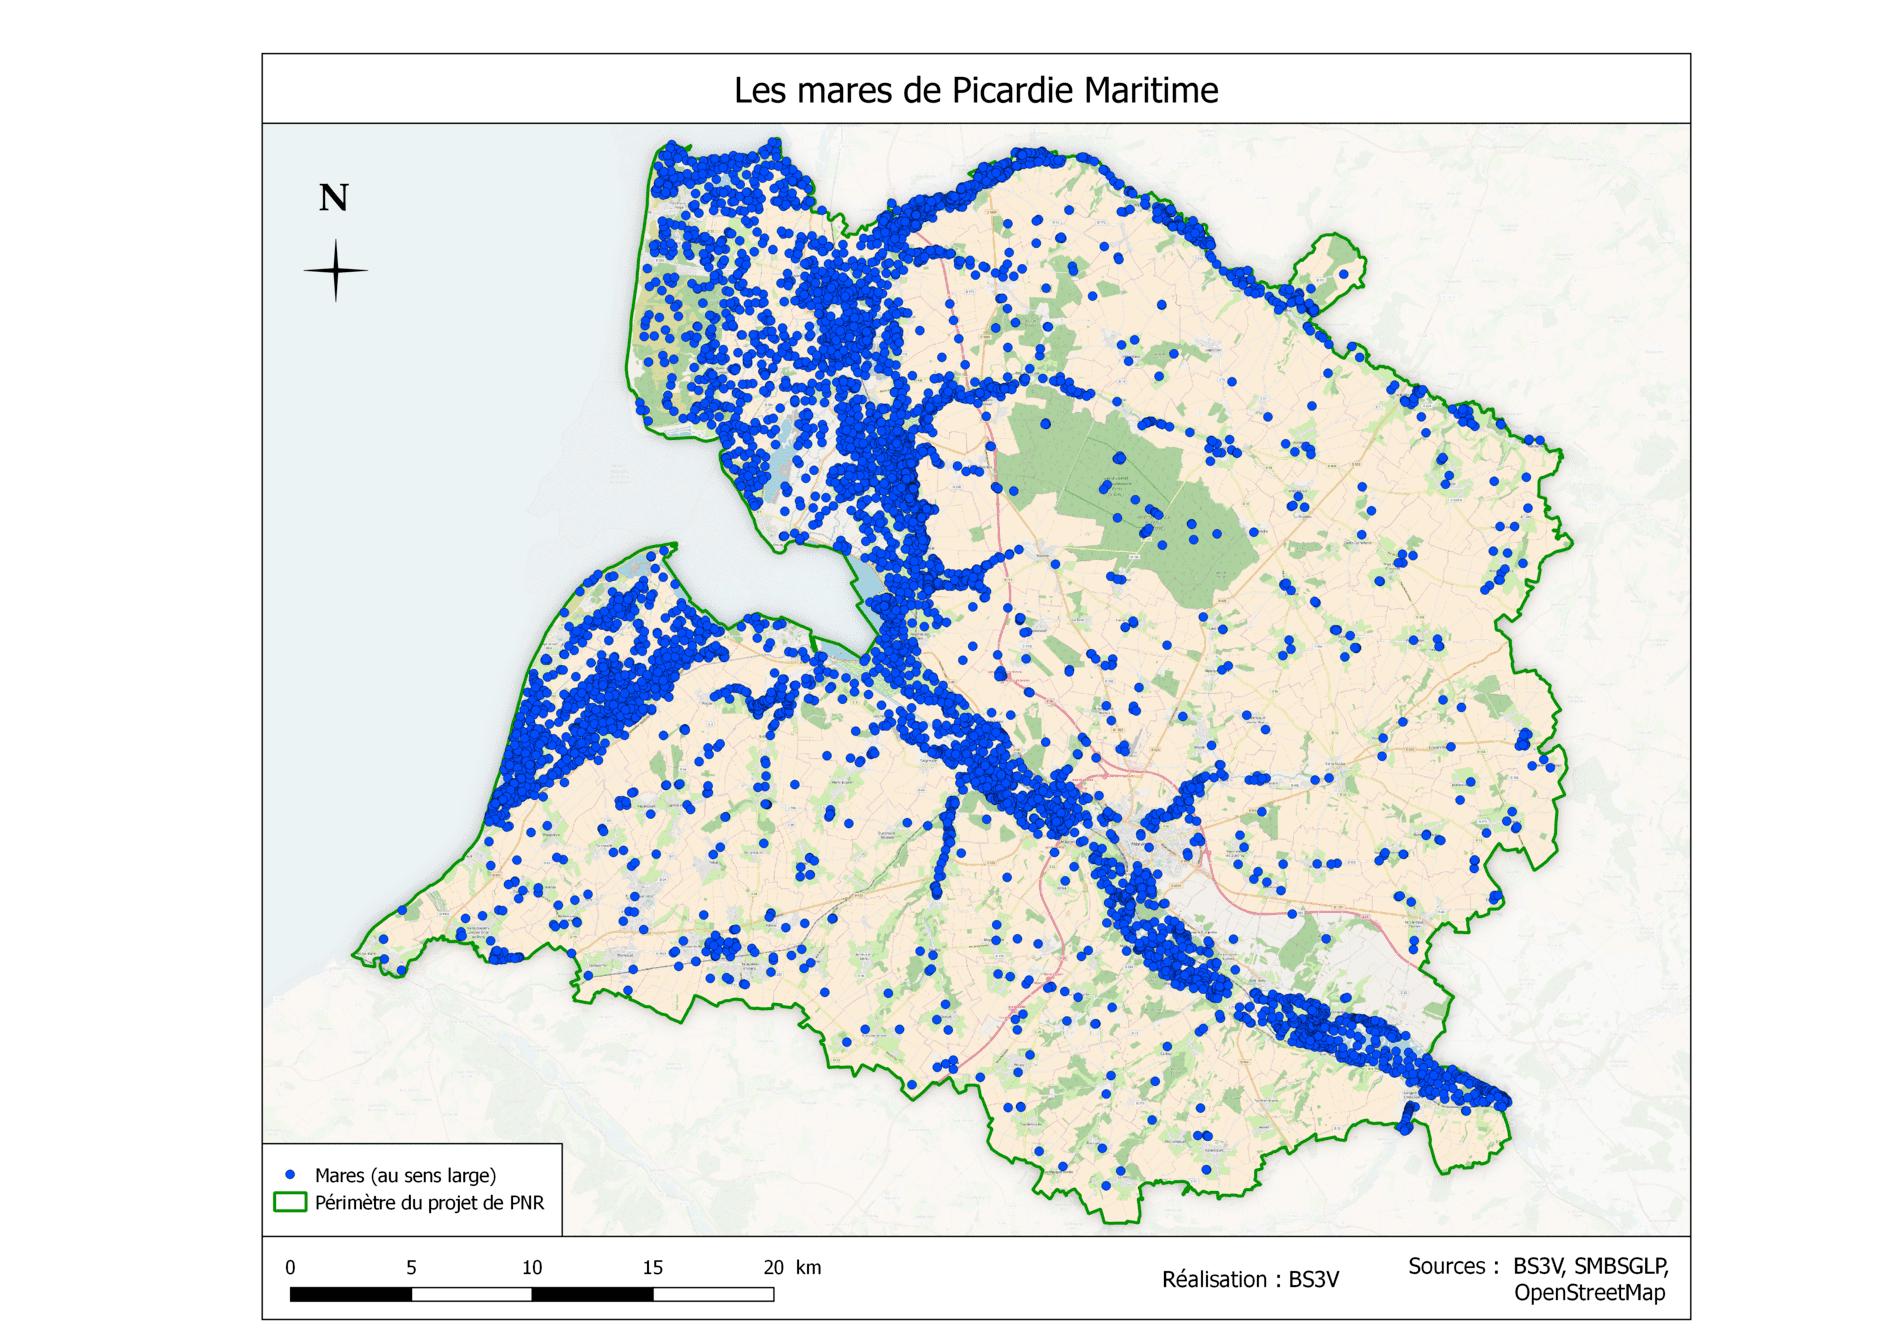 carte inventaire des mares  de Picardie maritime BS3V